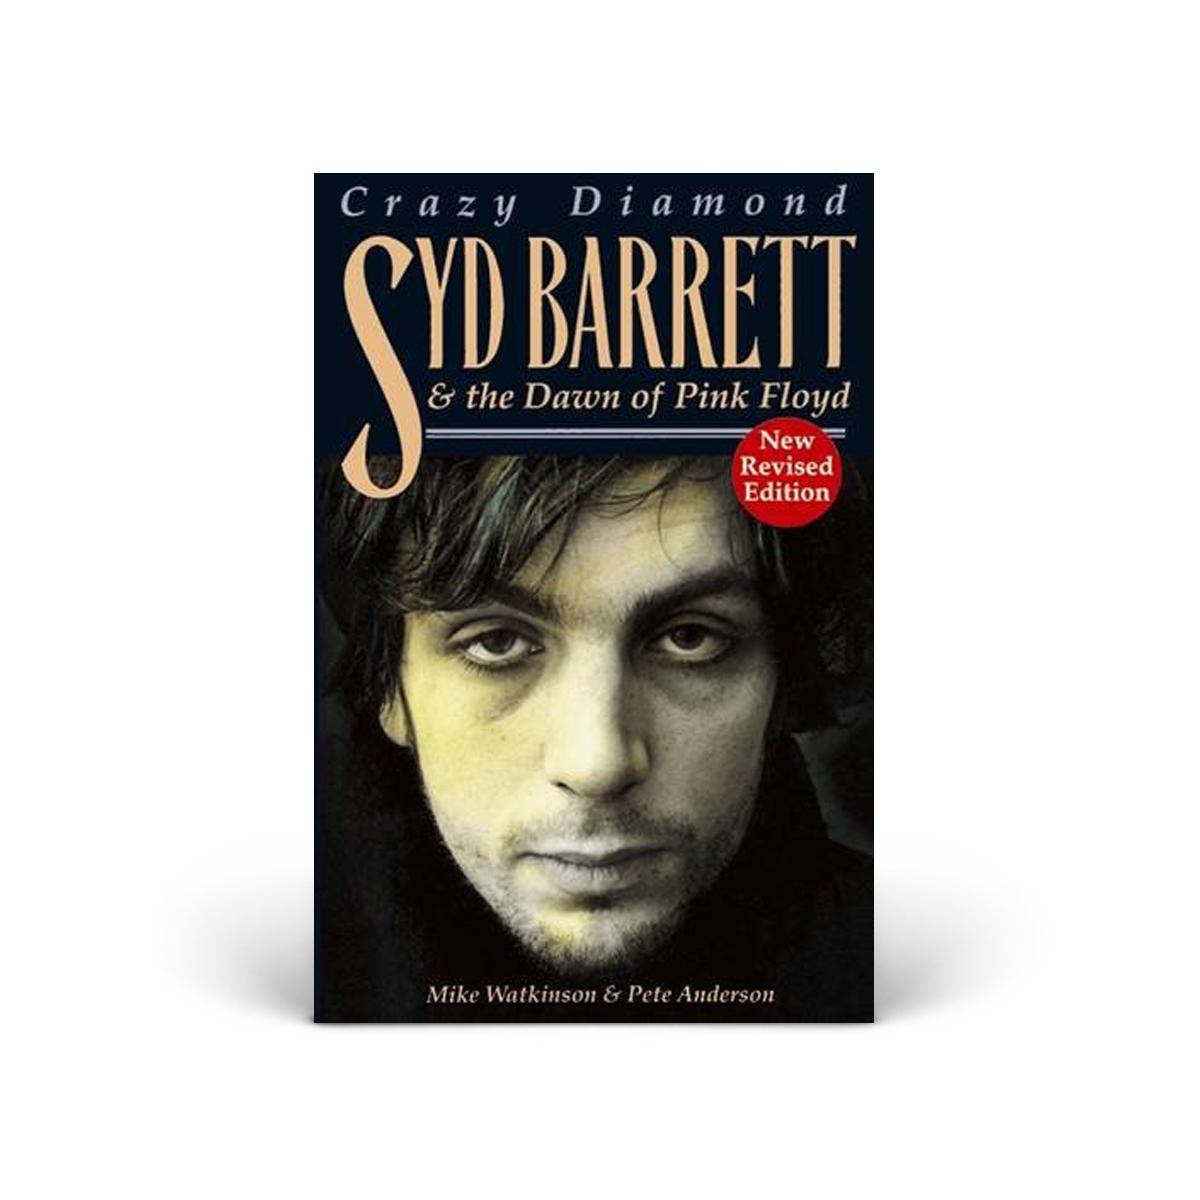 Syd Barrett Crazy Diamond: Syd Barrett & The Dawn Of Pink Floyd Book